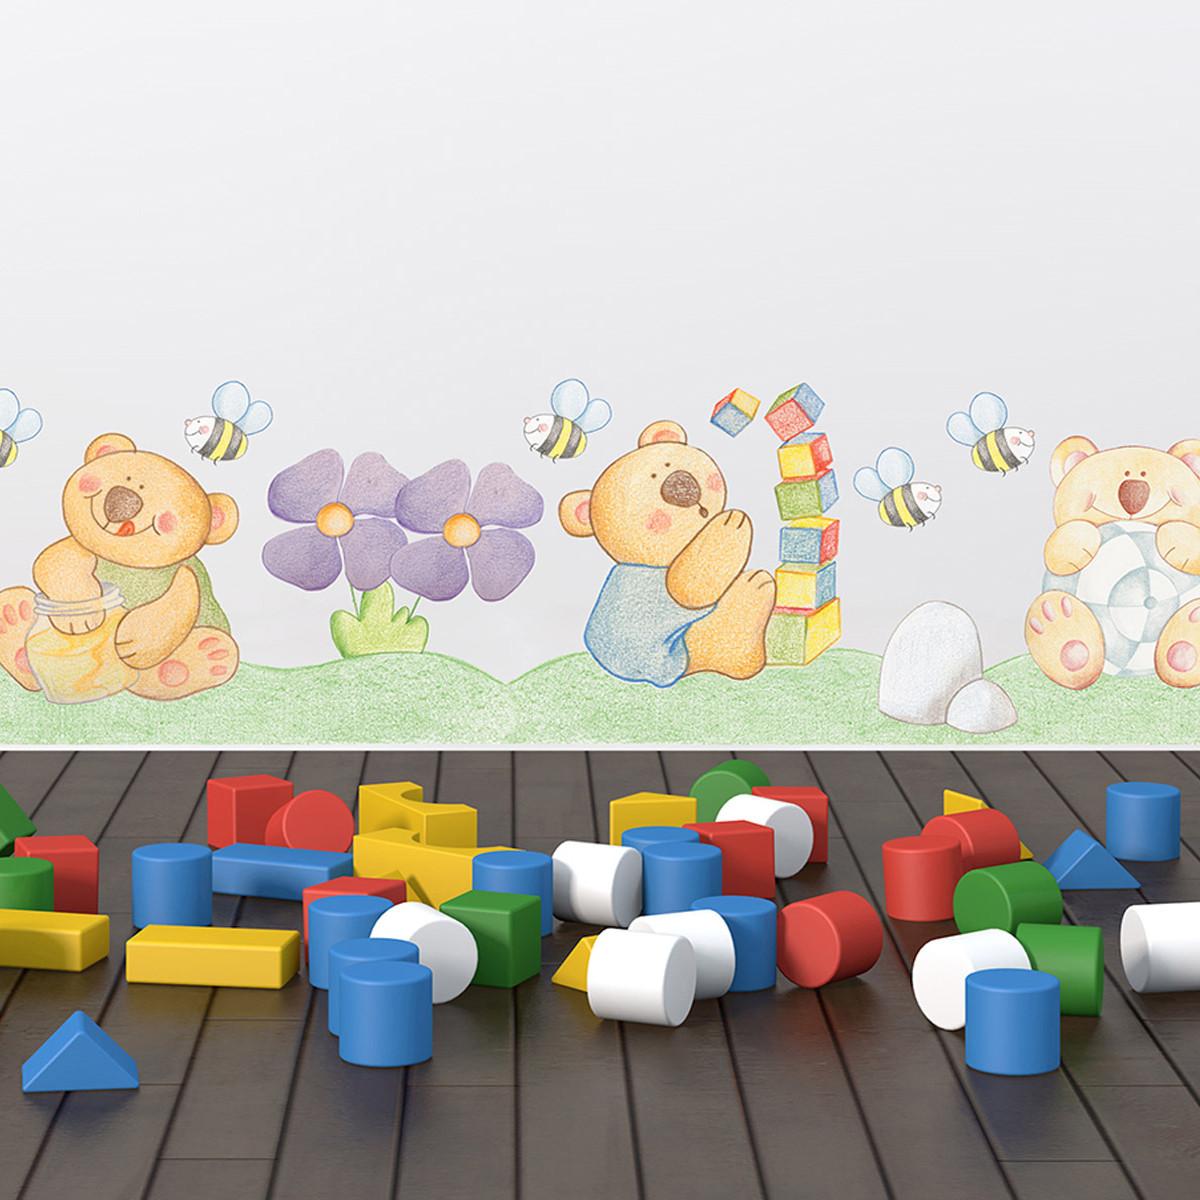 Παιδική Αυτοκόλλητη Μπορντούρα Τοίχου Ango Bear Brothers 14002 home   παιδικά   παιδική διακόσμηση